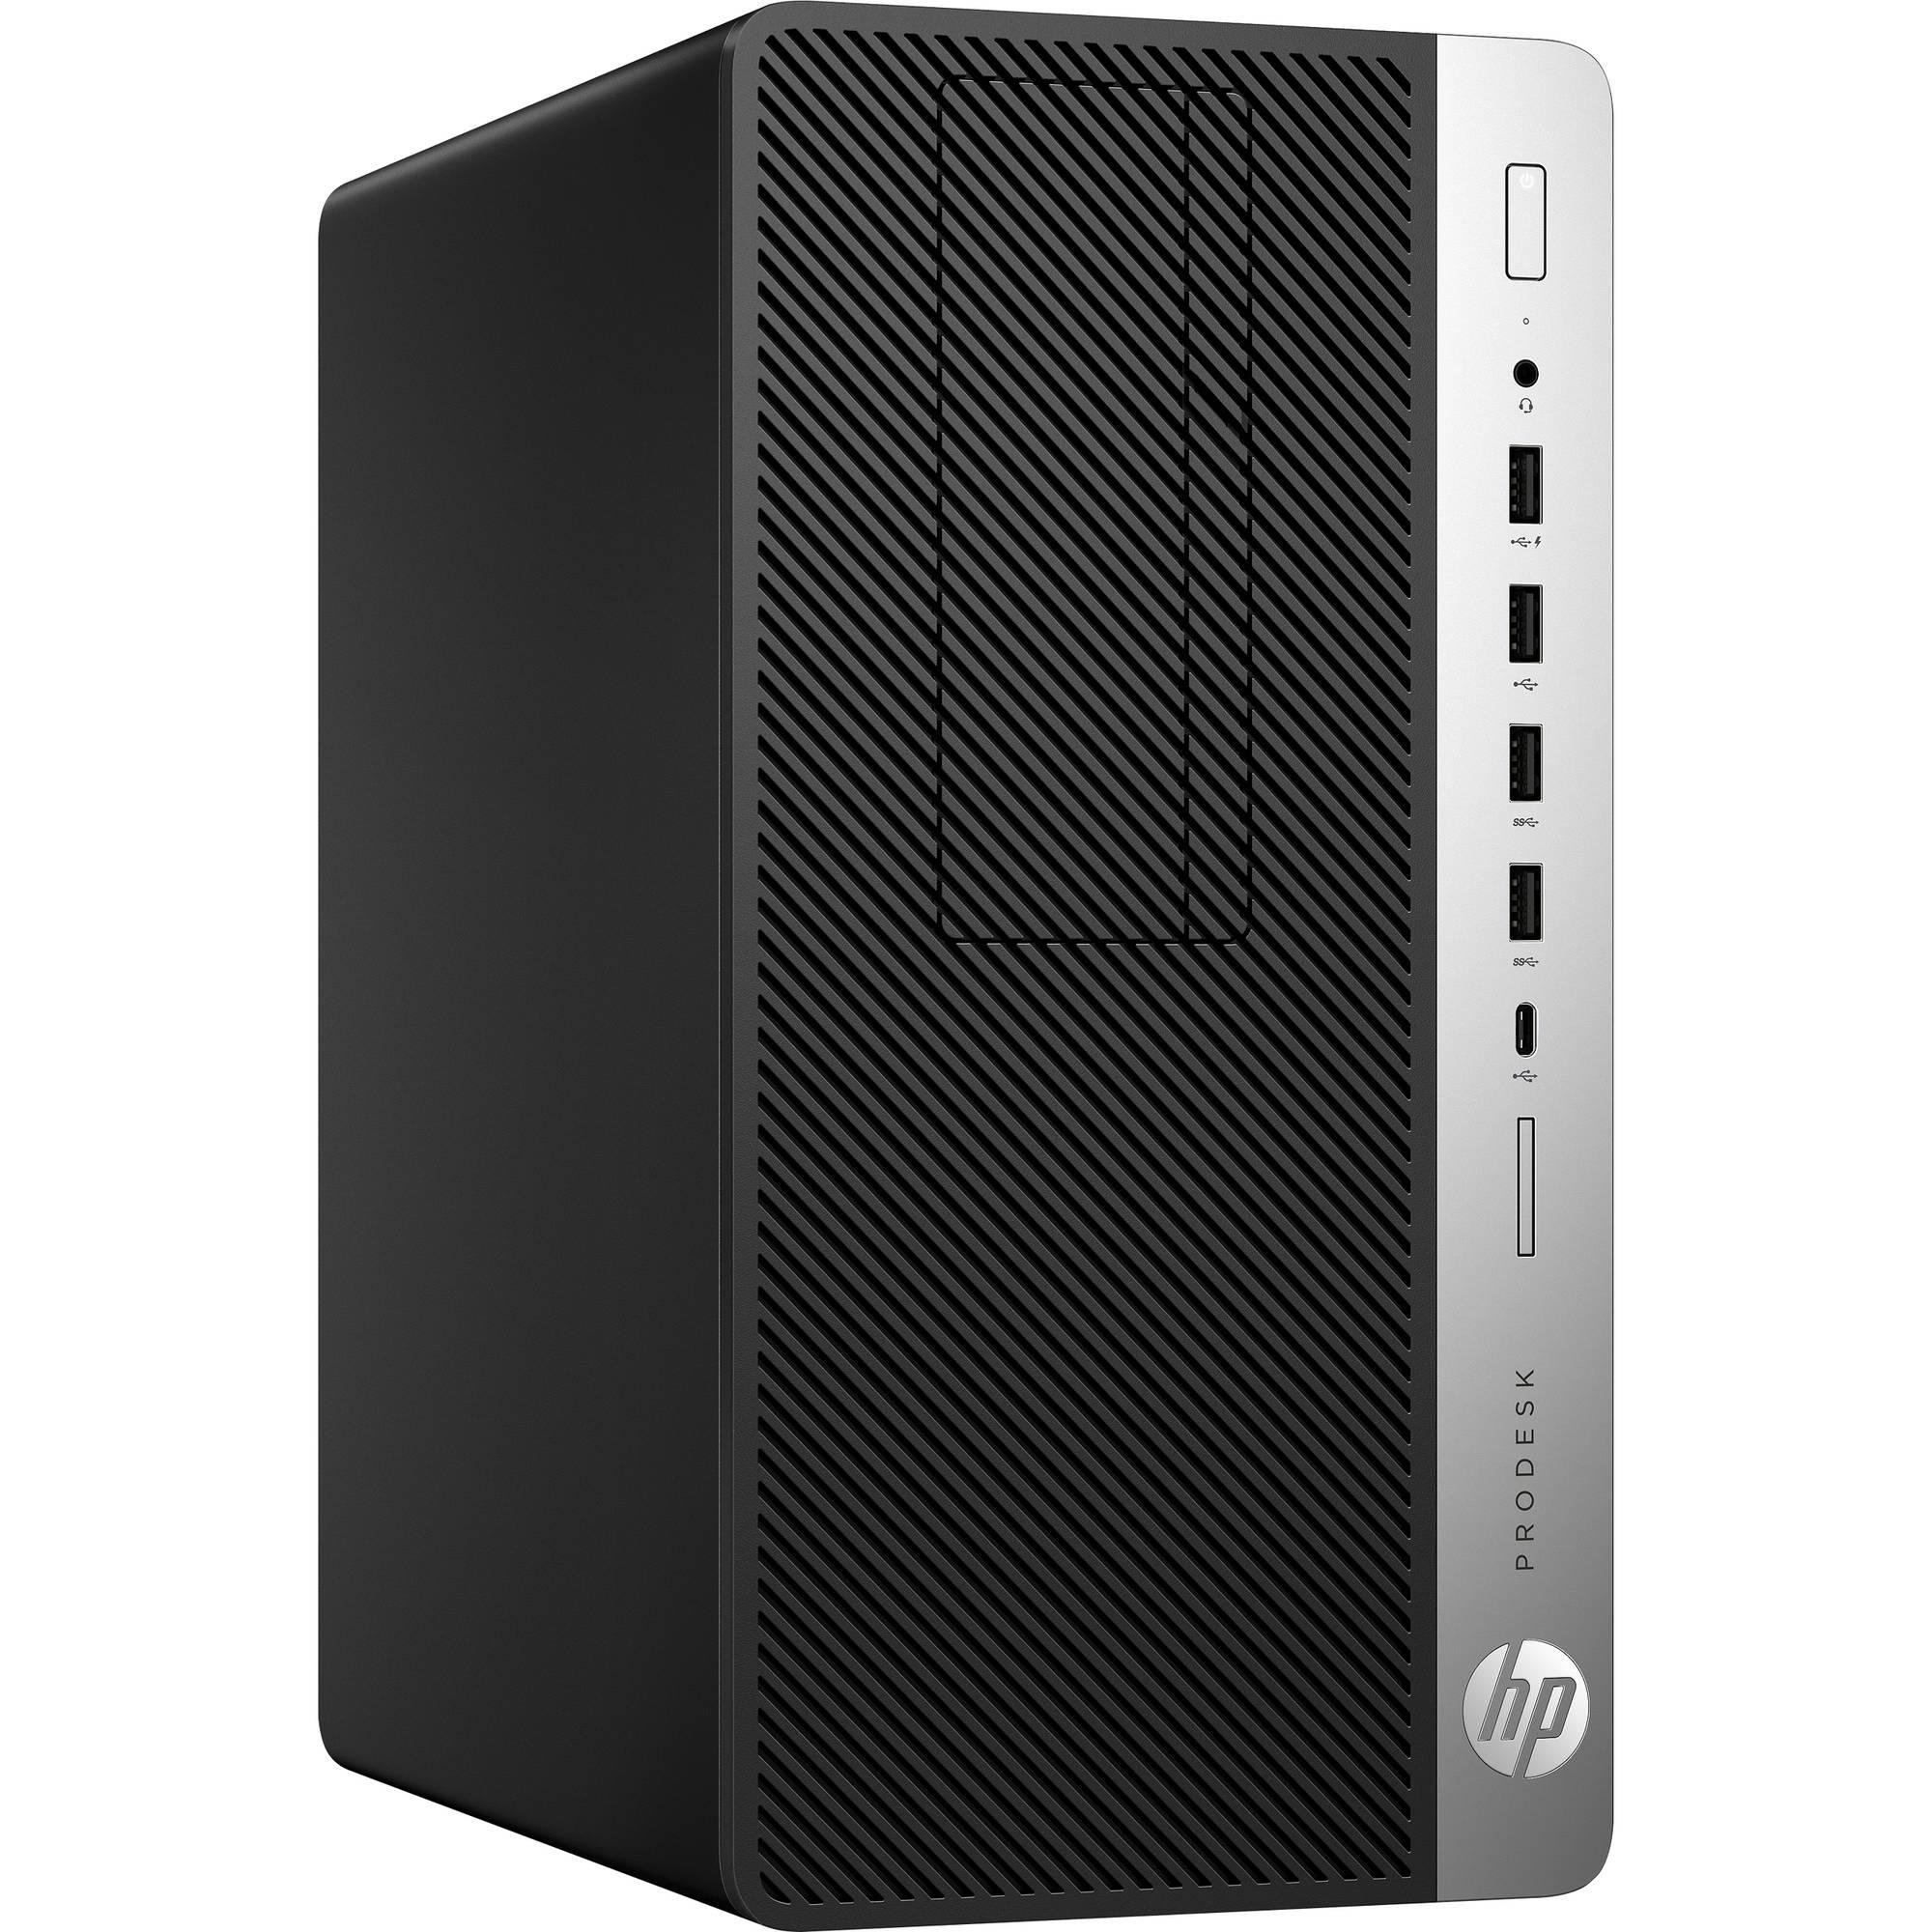 HP ProDesk 600 G3 Mini Tour